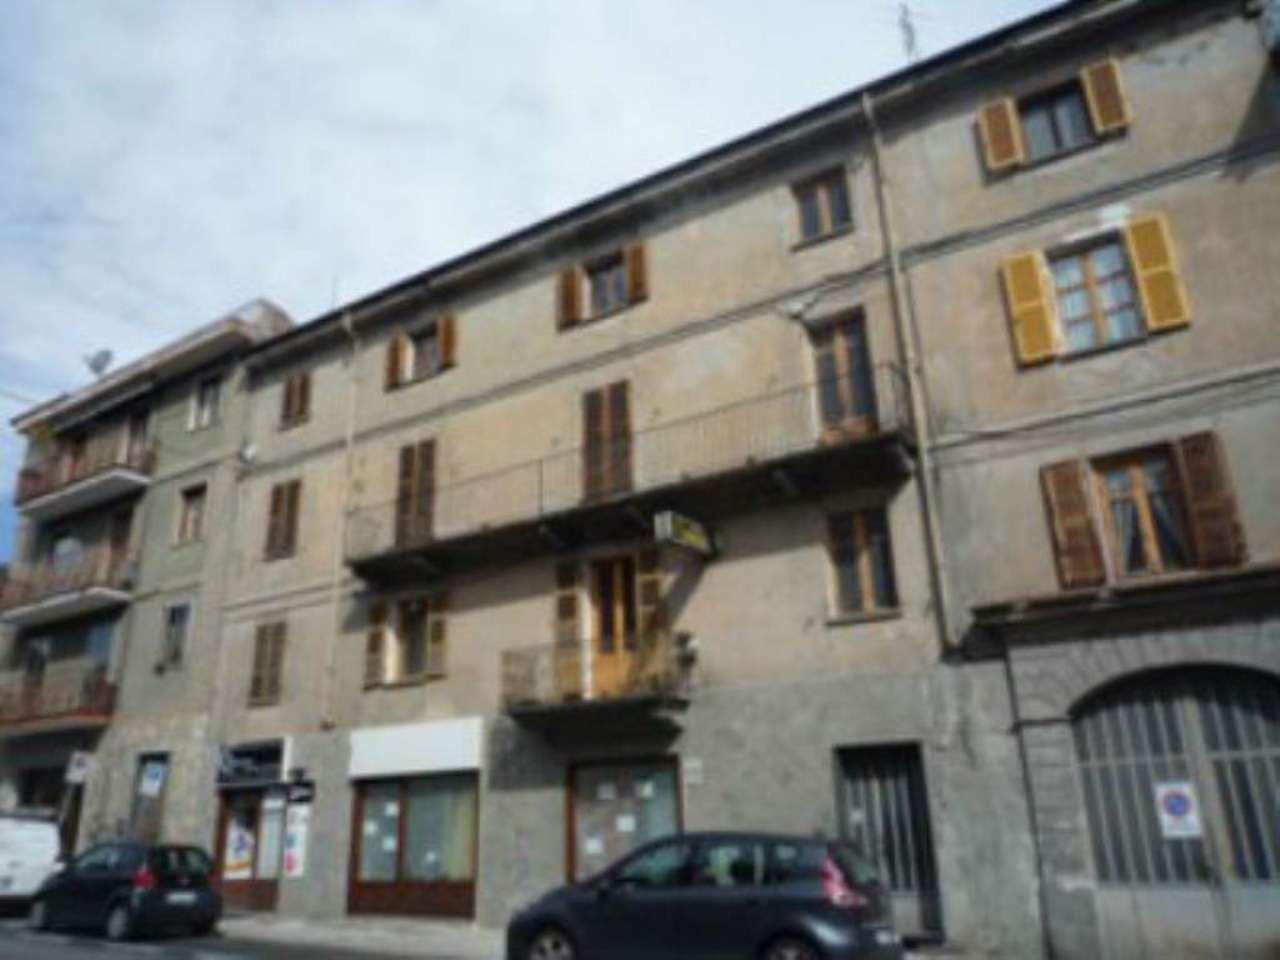 Appartamento in vendita a Susa, 5 locali, prezzo € 51.000 | CambioCasa.it